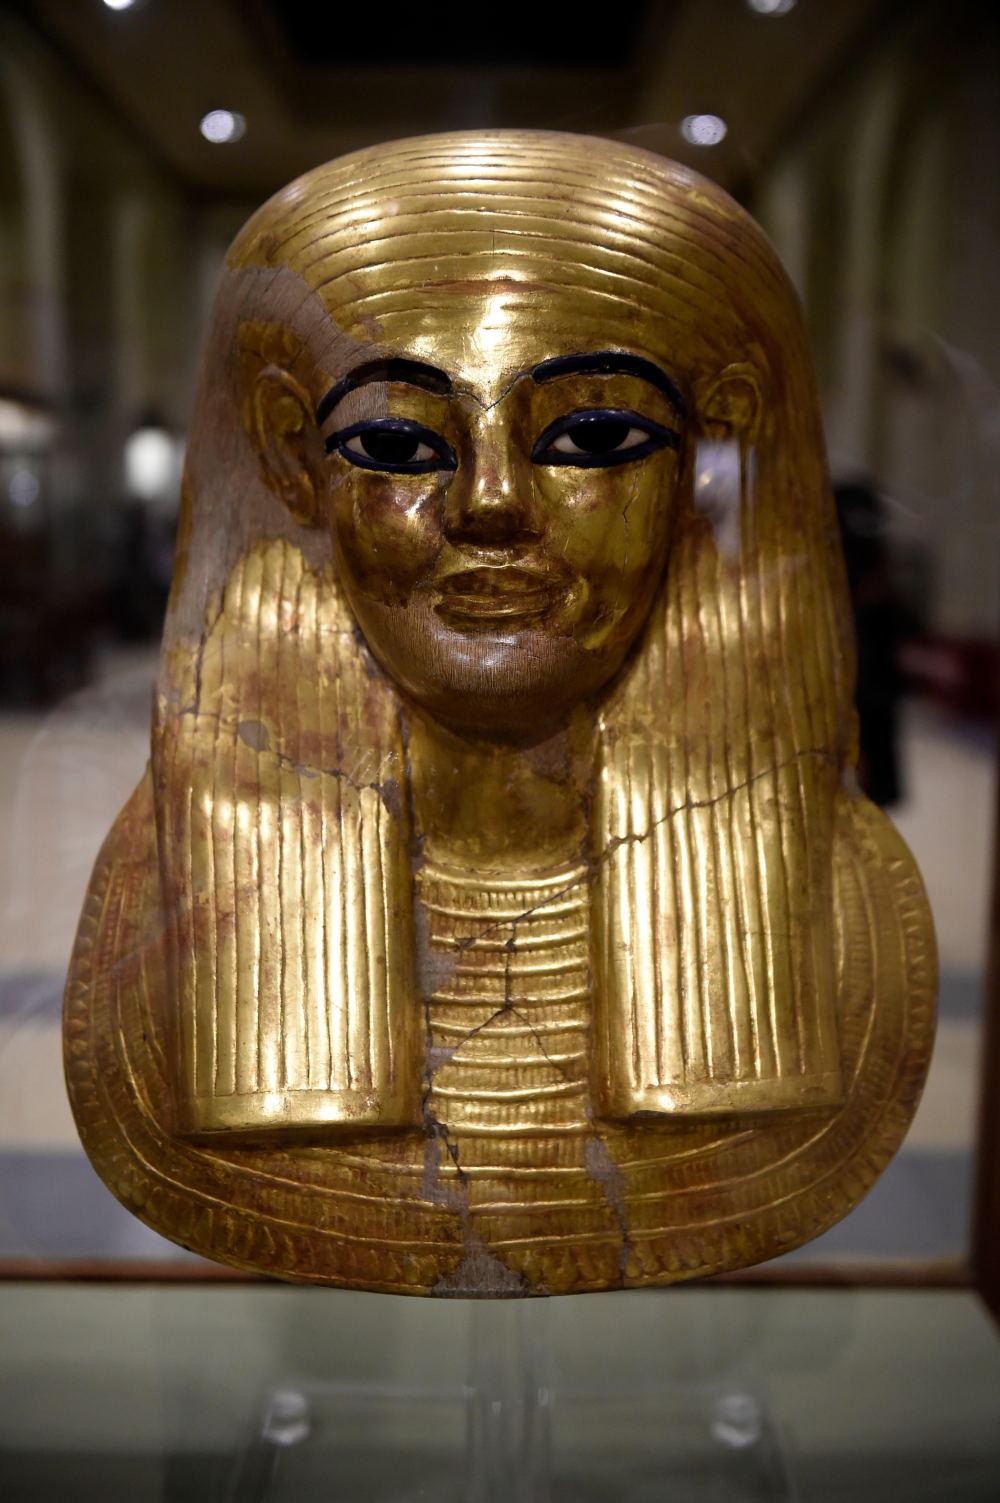 หน้ากากกระดาษชุบทองของยูยา ที่จัดแสดงในพิพิธภัณฑ์อียิปต์ ระหว่างการฉลอง 116 ปี ของพิพิธภัณฑ์อียิปต์ในไคโร (Khaled DESOUKI / AFP)